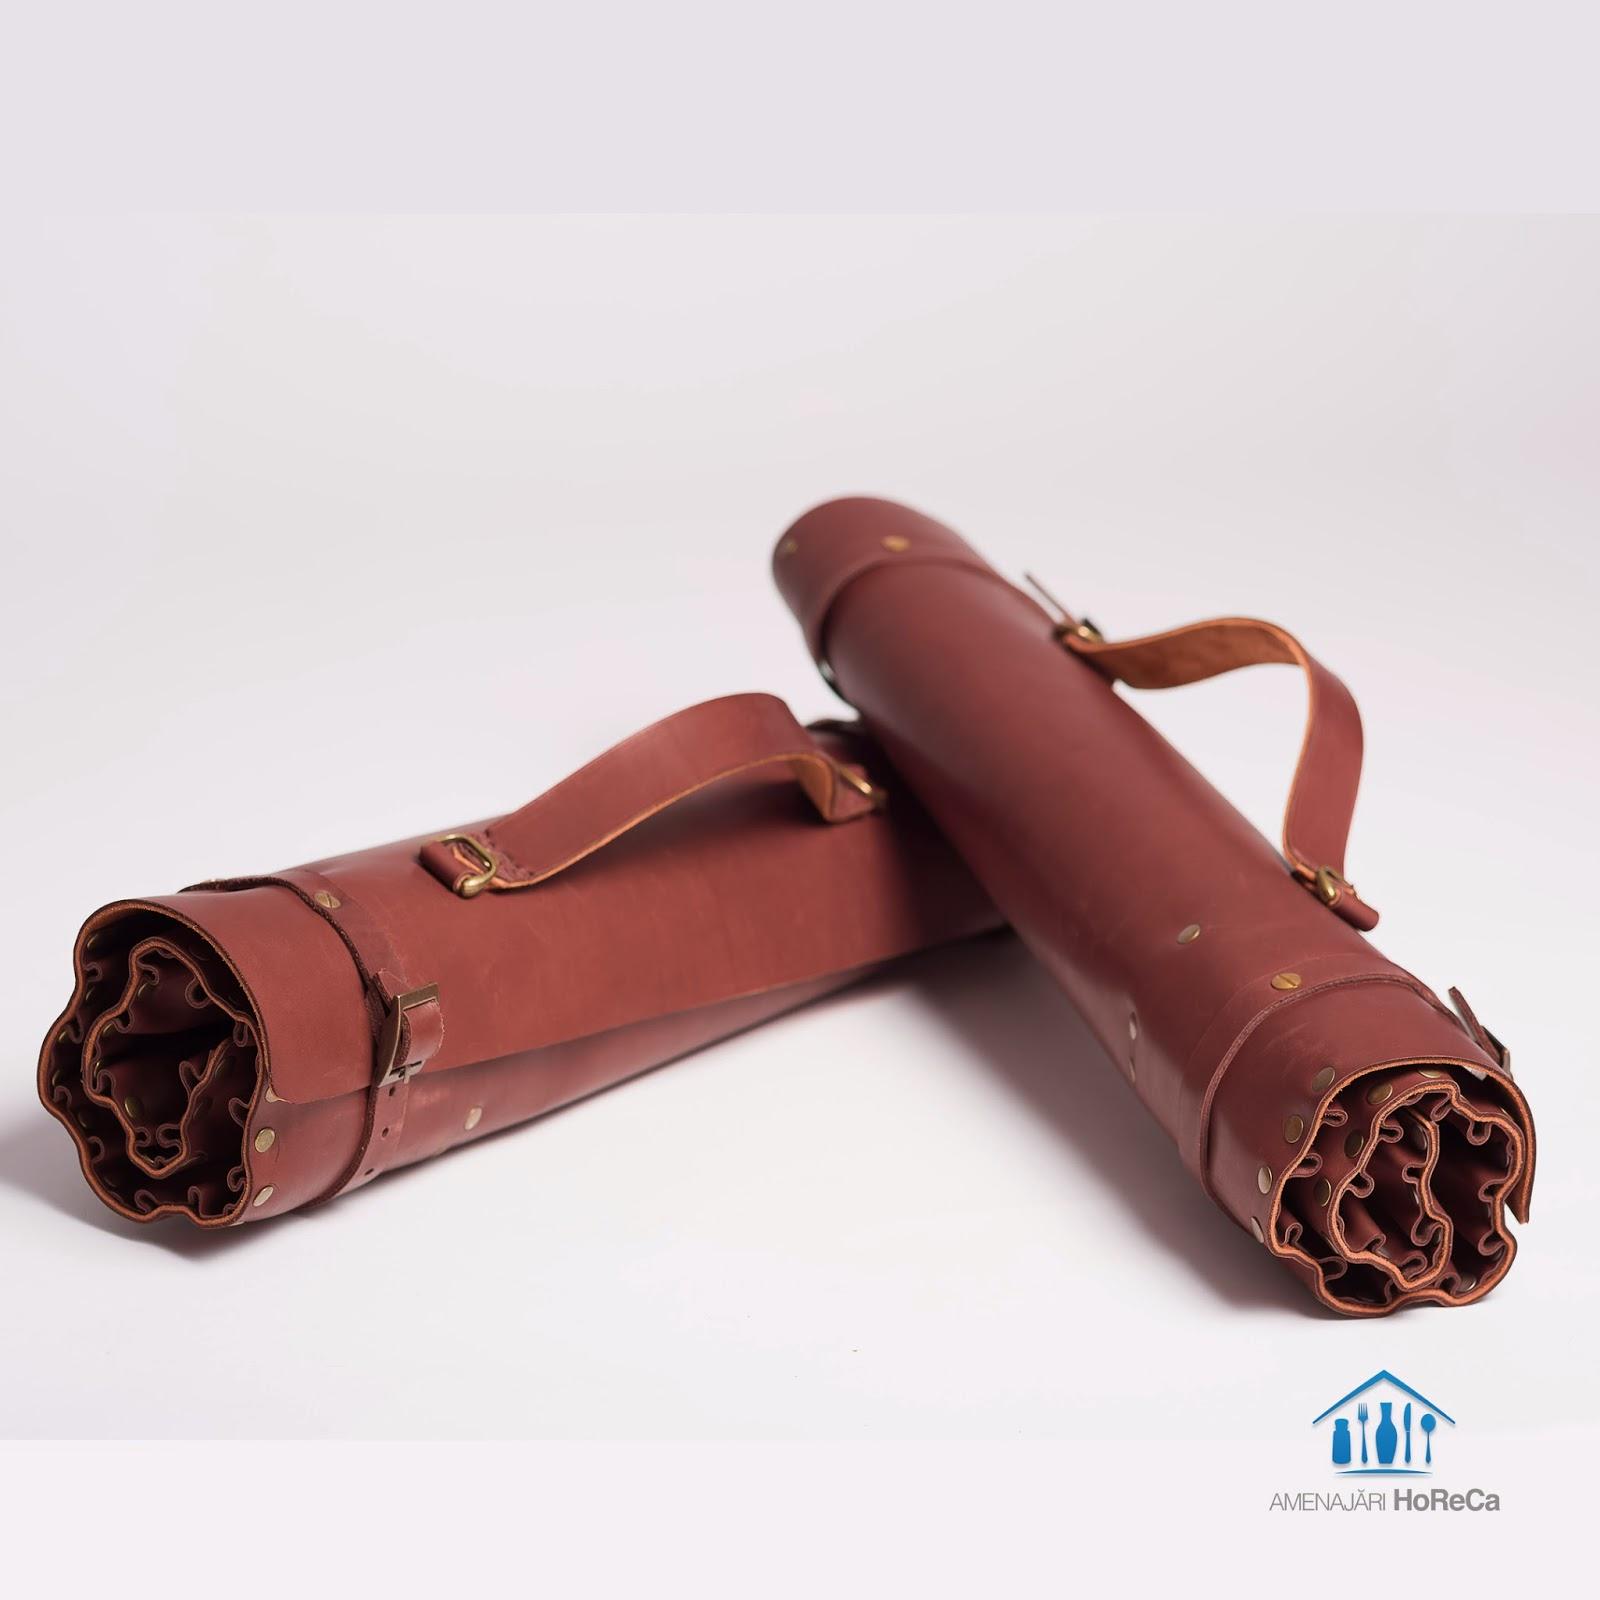 Husa, trusa din piele naturala pentru cutite profesionale